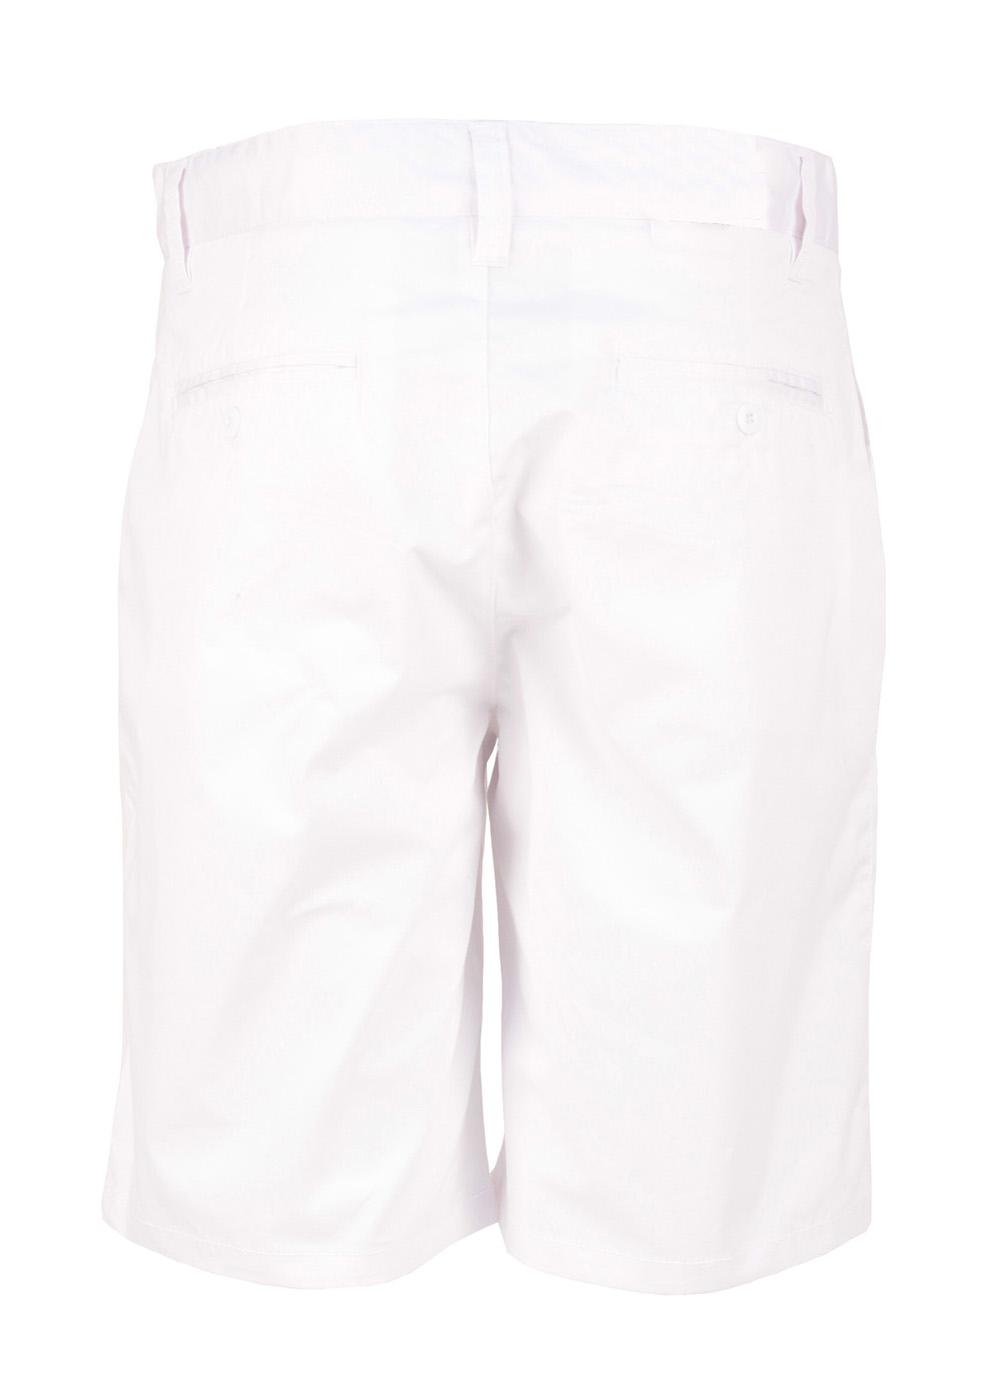 CS 007 - White (back)